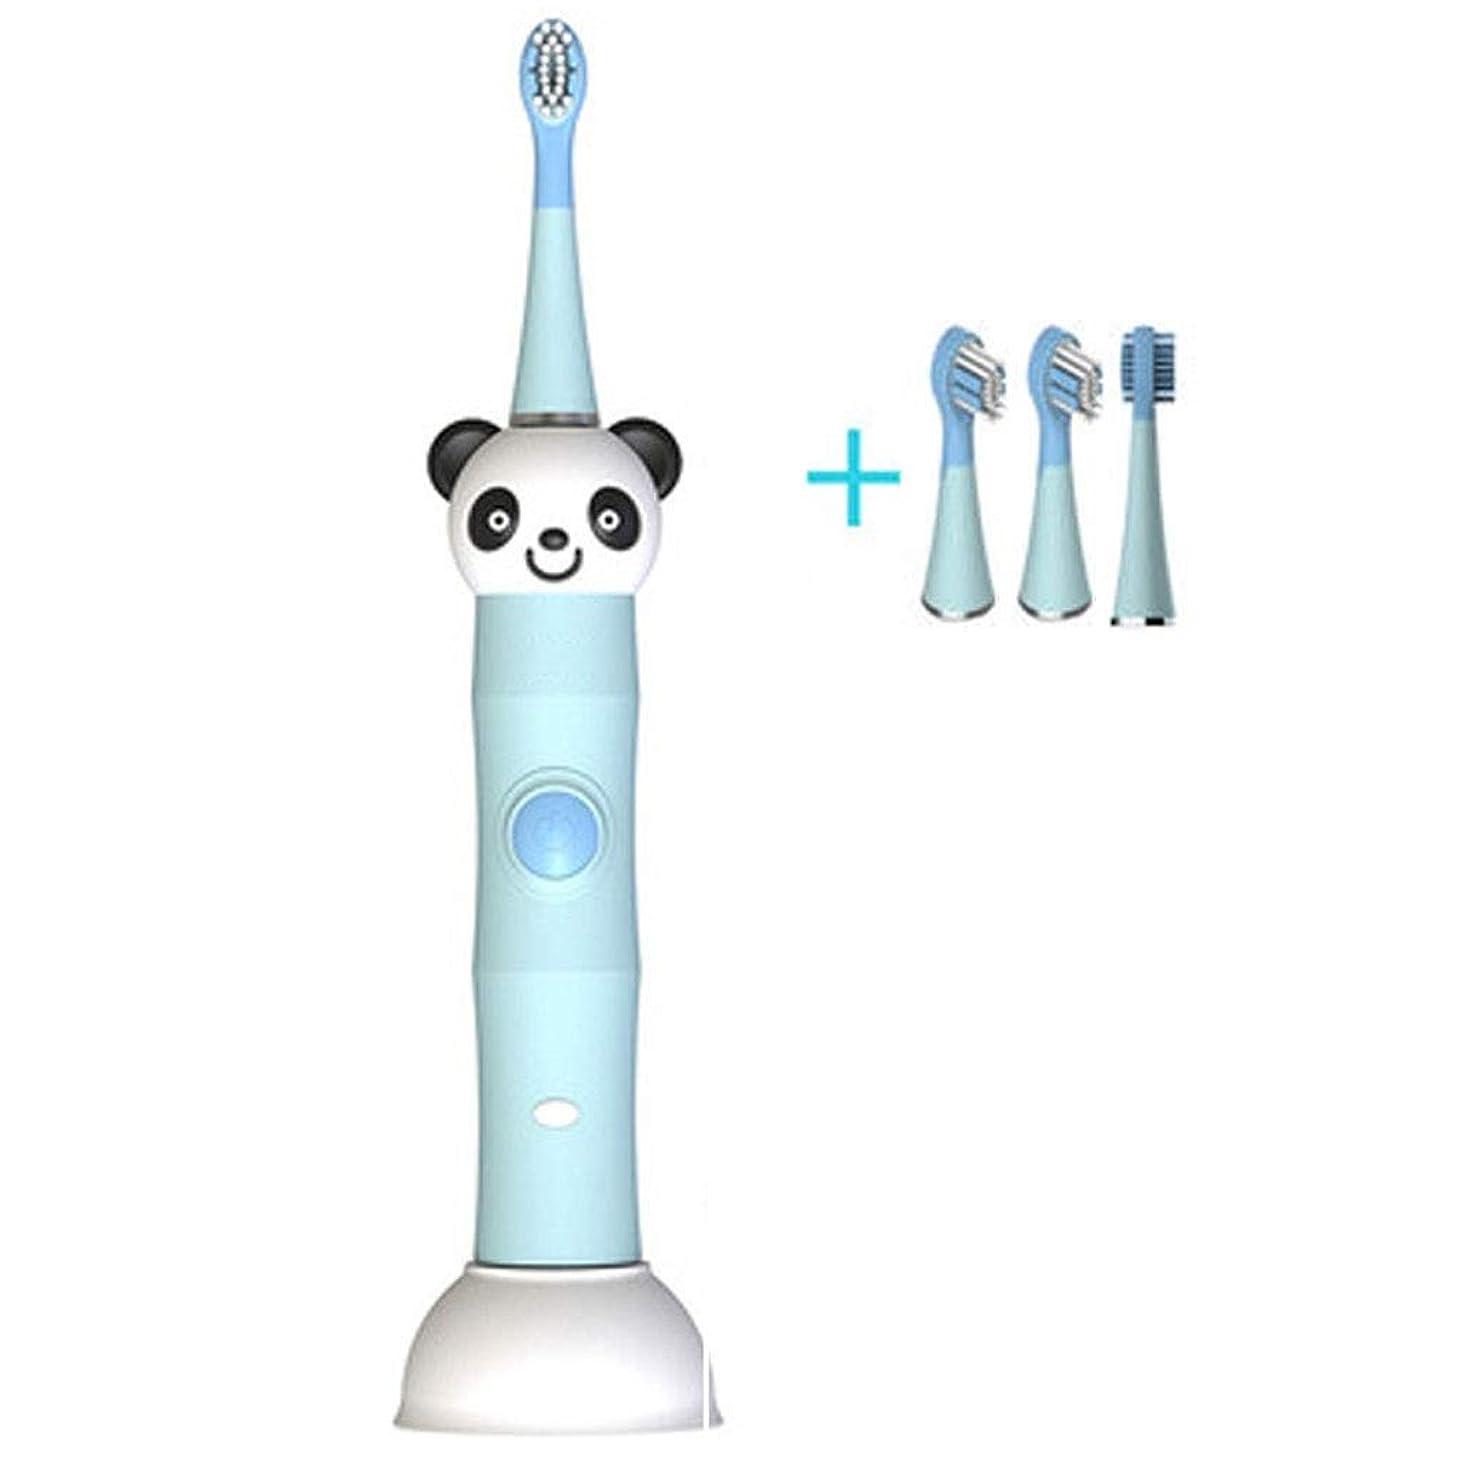 合金見て見てDMIZ 電動歯ブラシ、交換可能な2つのブラシヘッドを備えた音波歯ブラシ、ワンボタン制御、低ノイズ、誘導充電、防水型IPX7、デュポンソフトブラシ、31000振動、子供用